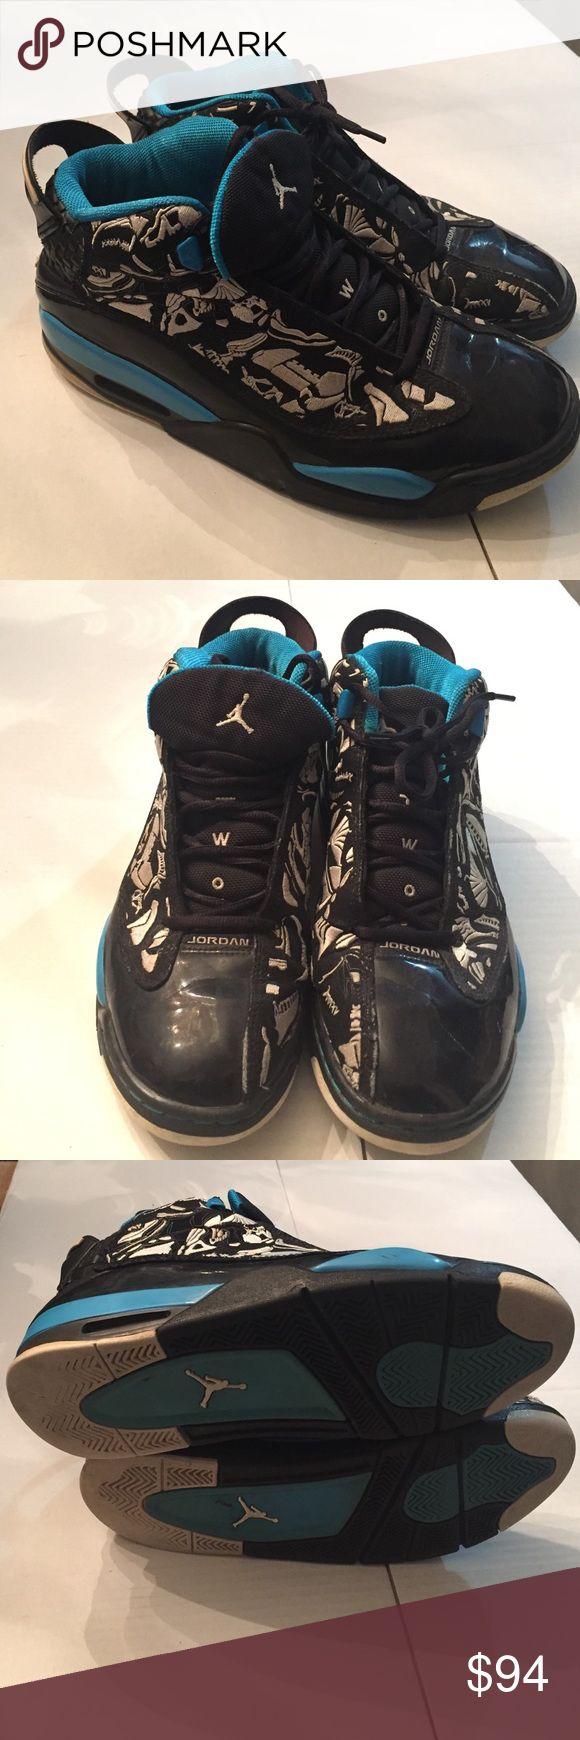 Vintage Jordan Very Rare Vintage Jordan Very Rare Jordan Shoes Sneakers